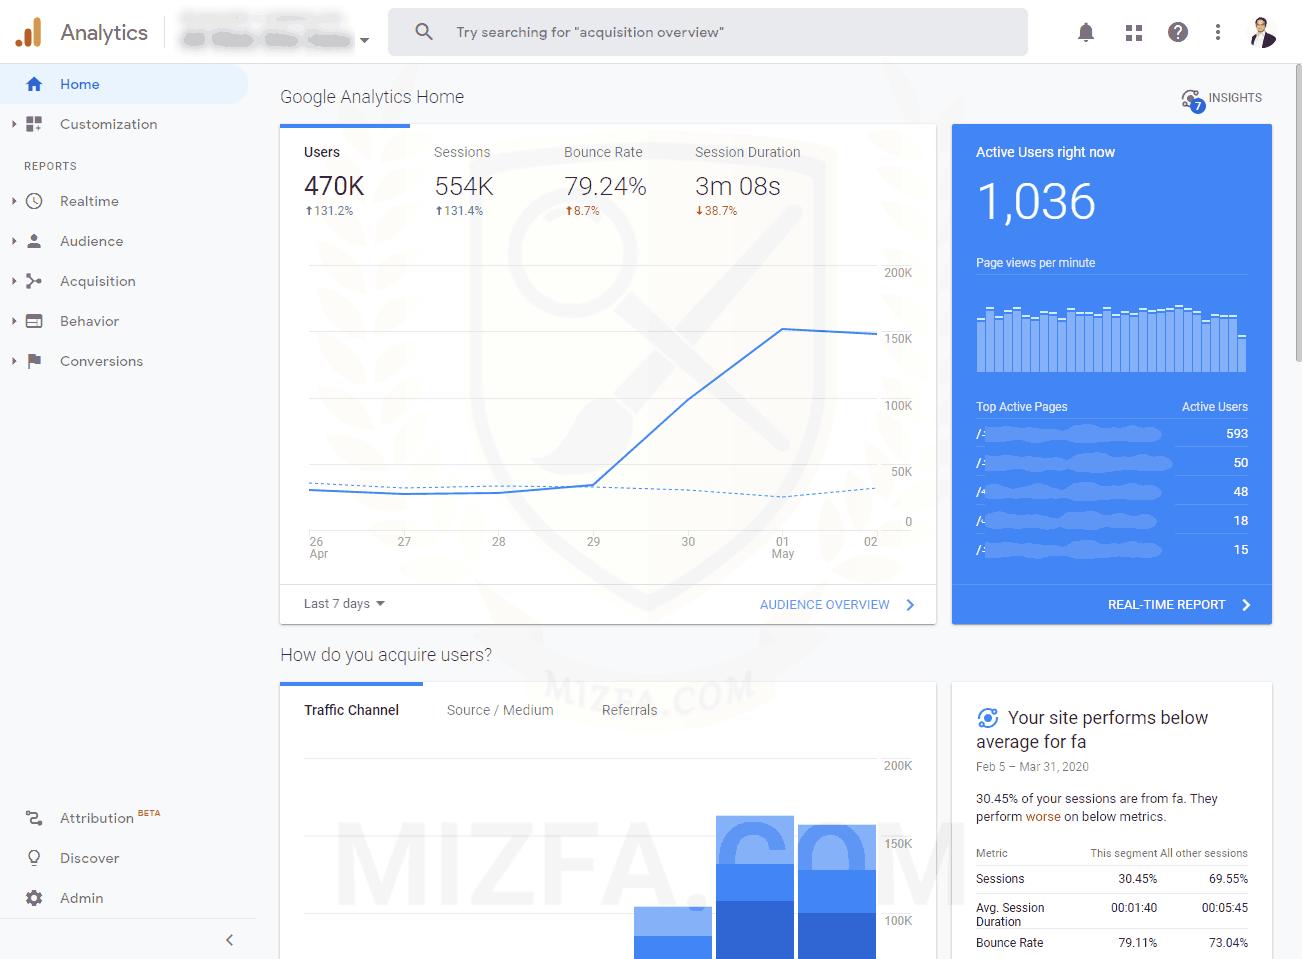 بررسی و آنالیز سایت خودمون - نمایی از محیط گوگل آنالیتیکس